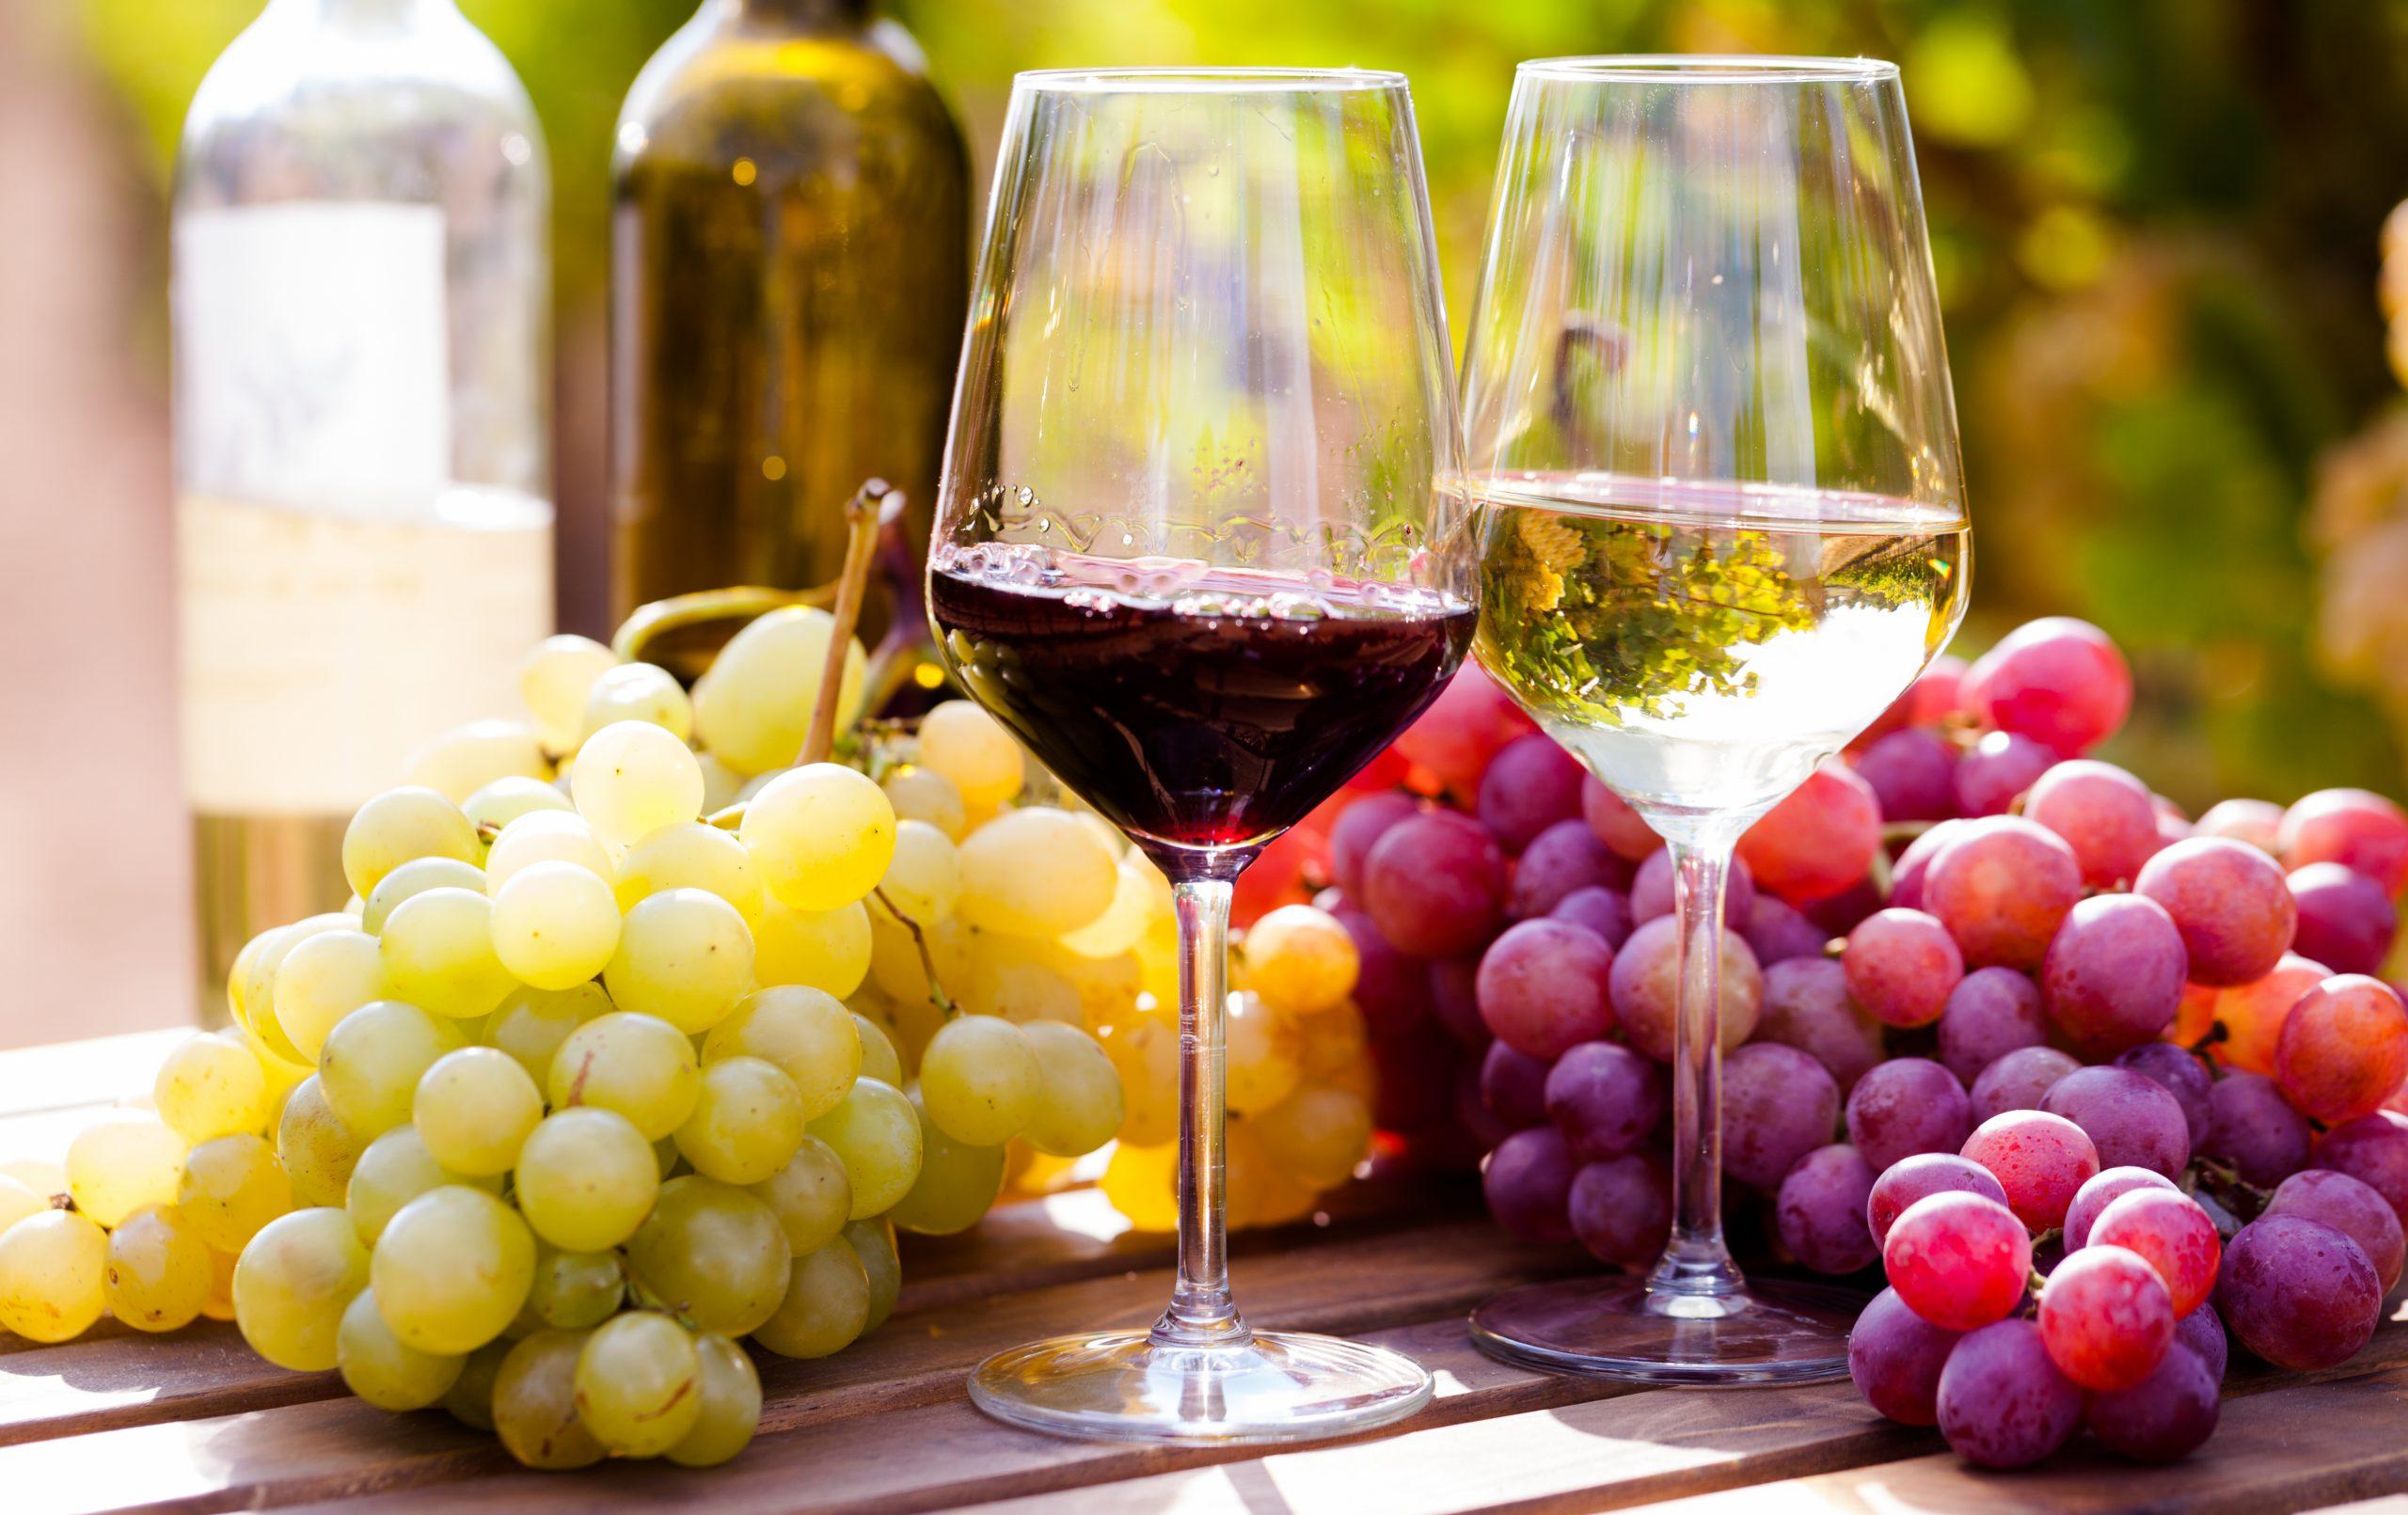 【ワイン初心者】おすすめのオーガニックワイン銘柄12選を赤、白、産地で選ぼう!